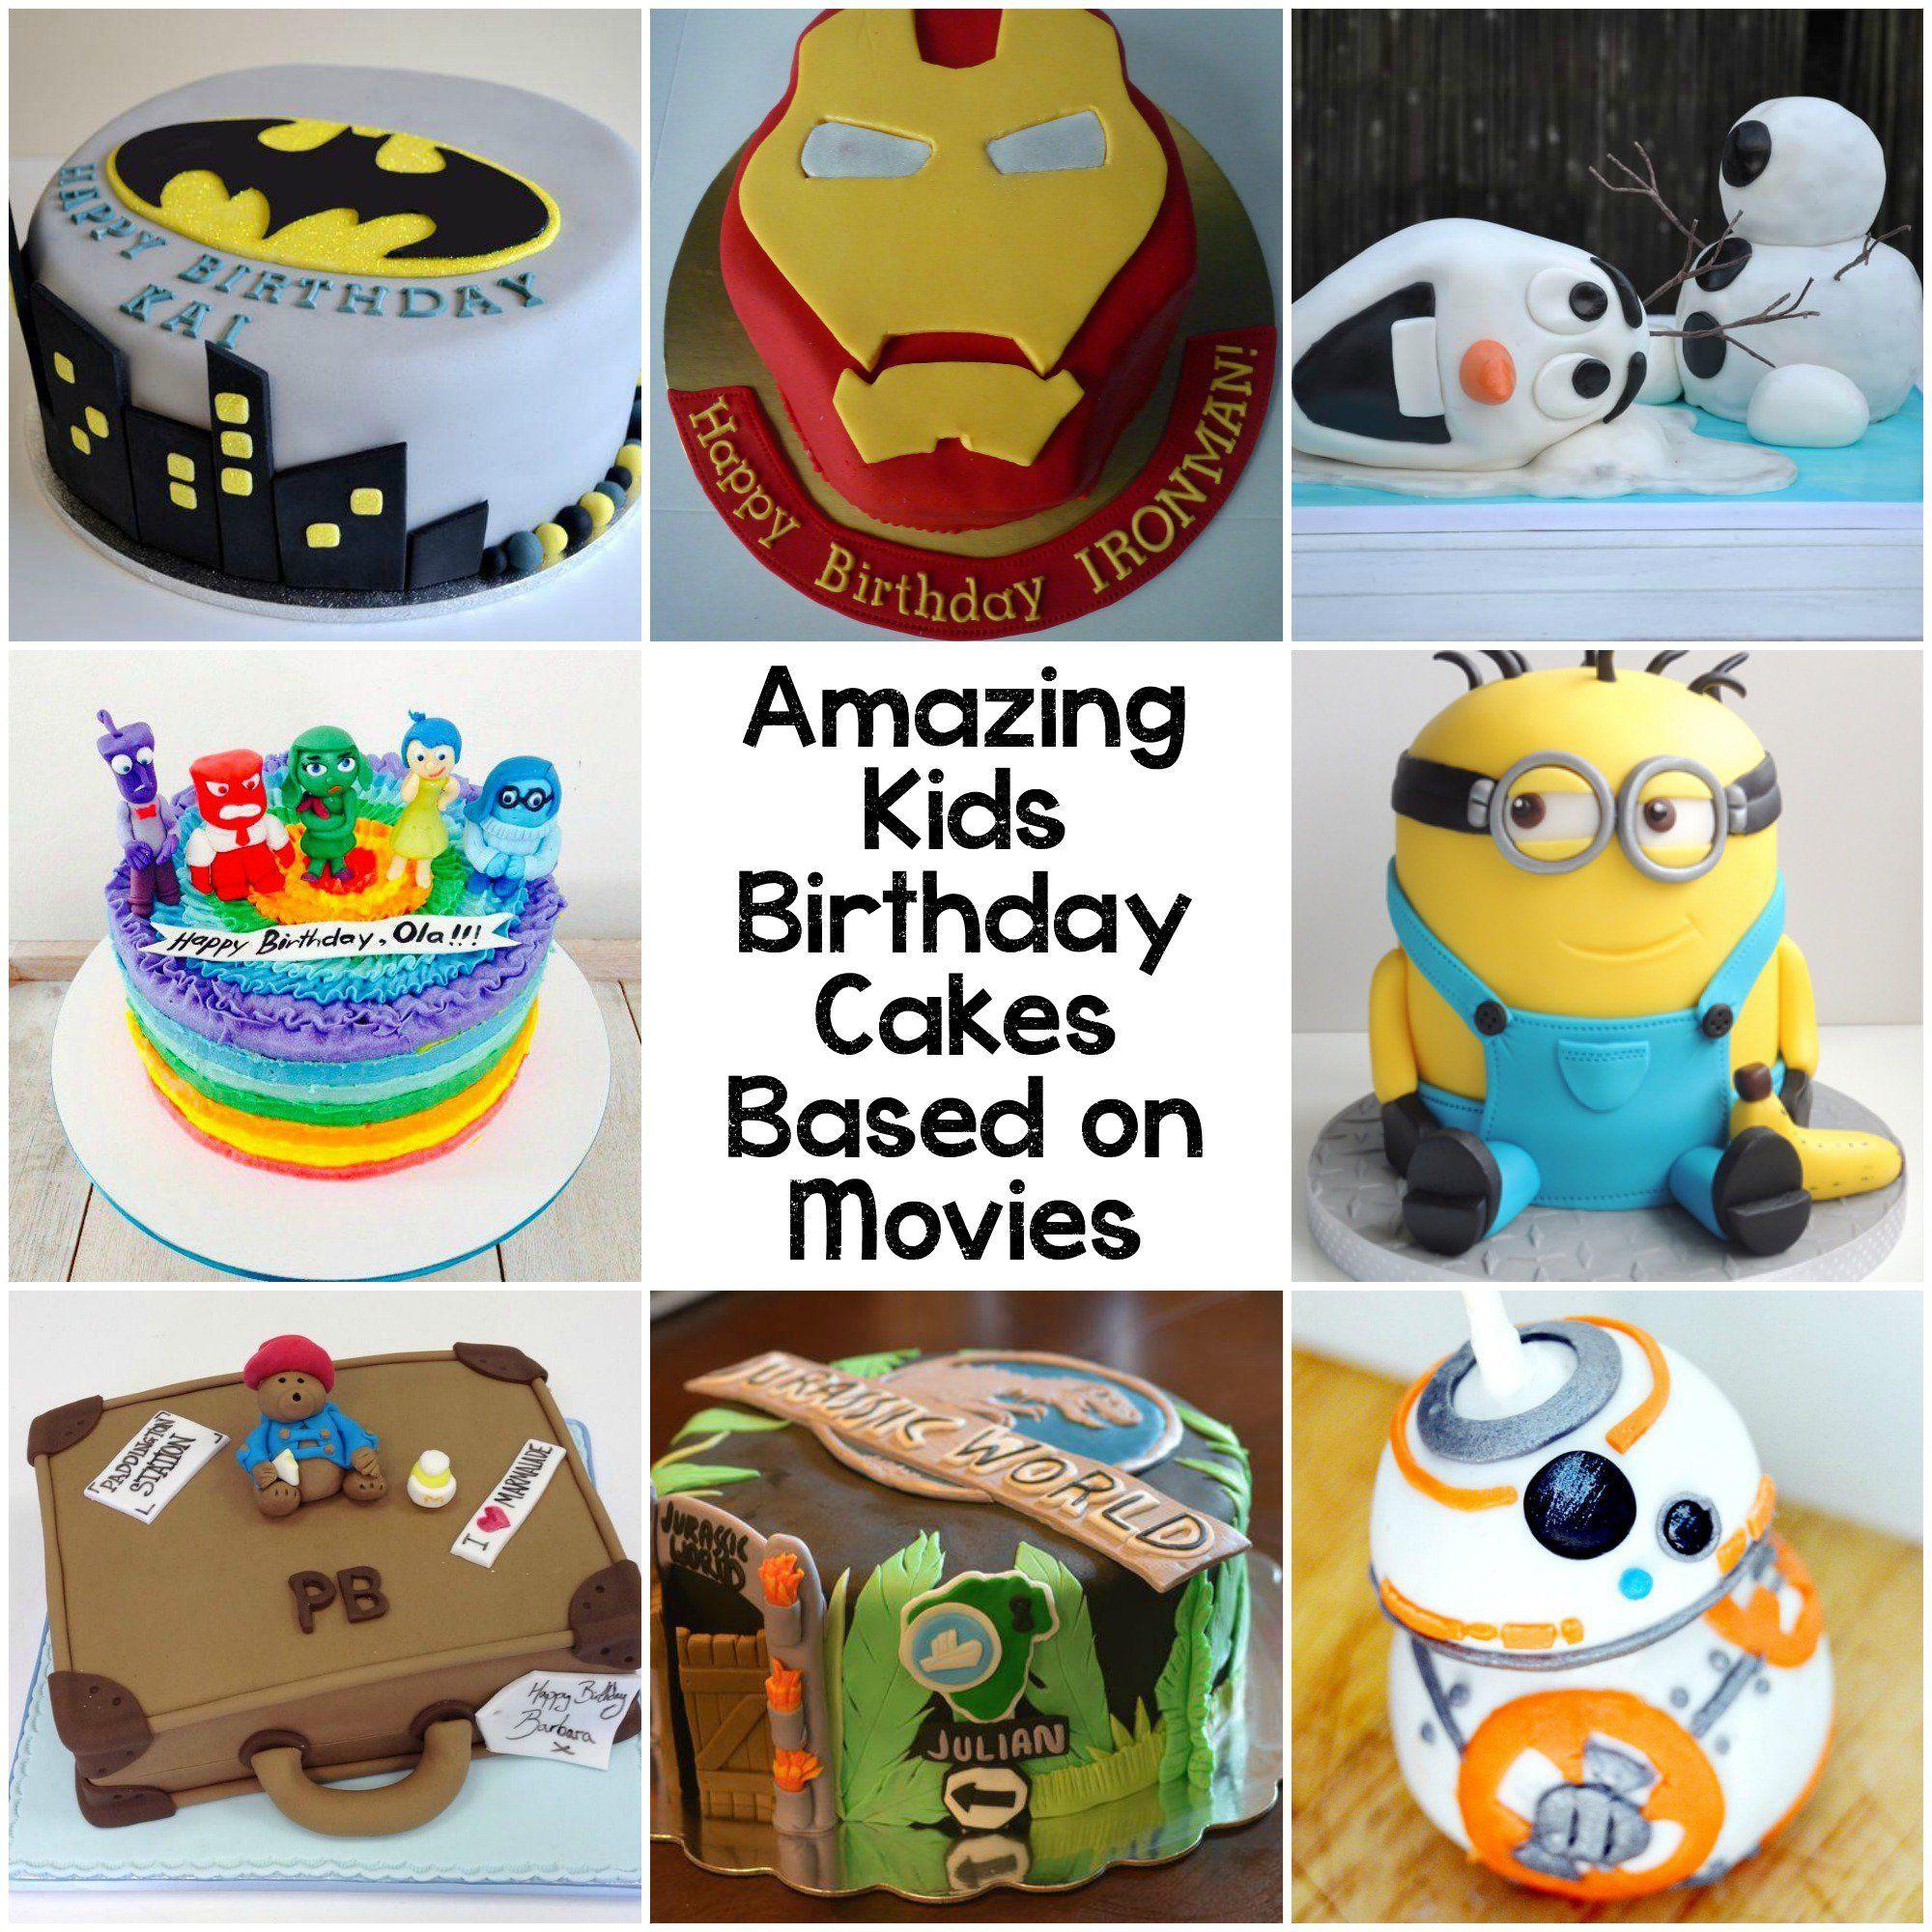 10 Amazing Kids Birthday Cakes Based On Movies Cake Ideas I Like